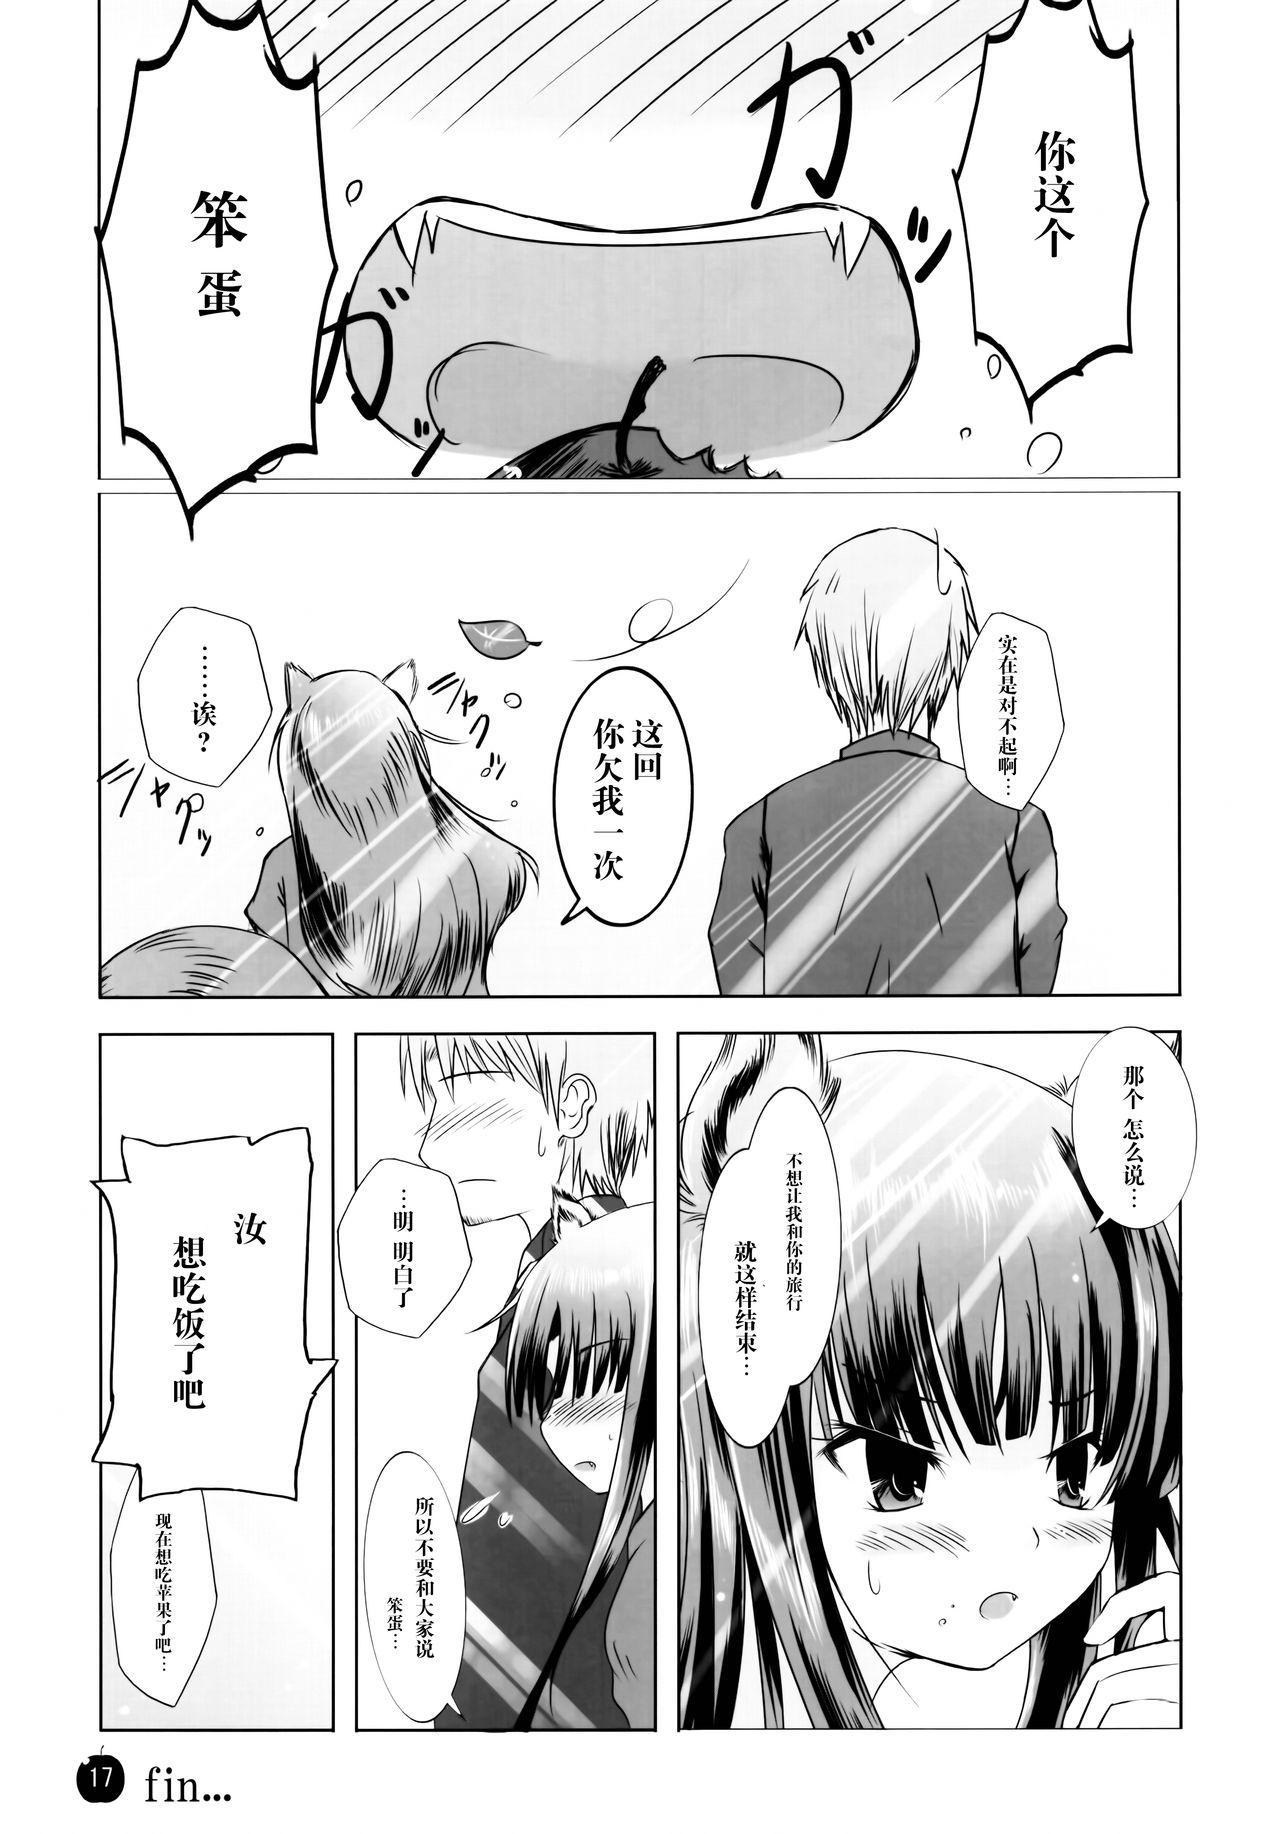 Amairo no Kimi o Aisu 16